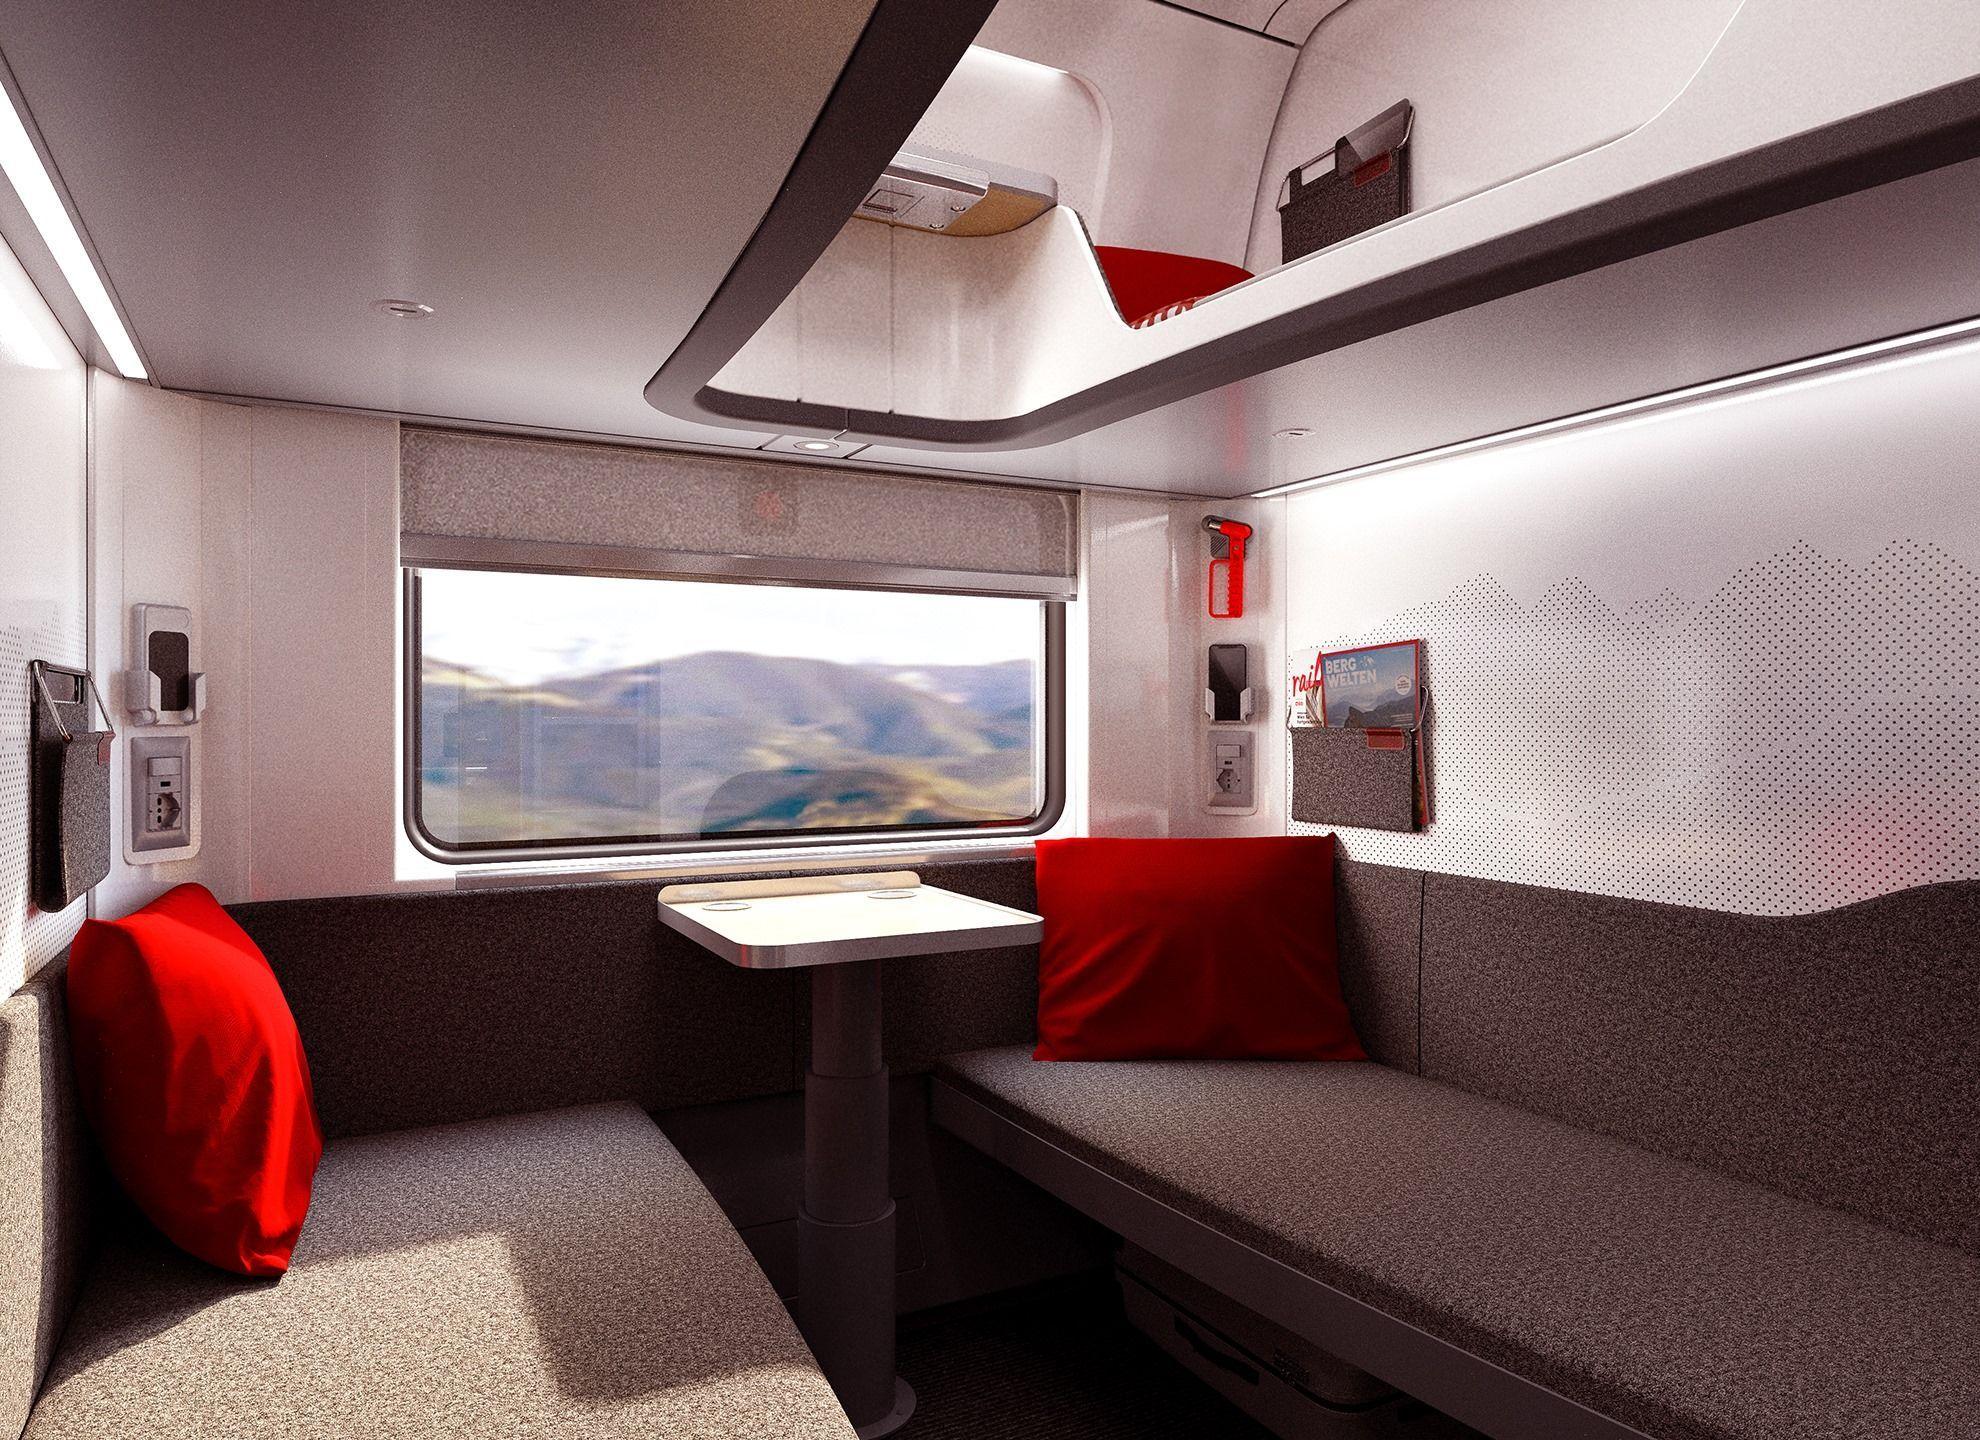 ночной поезд ÖBBкомпании Nightjet, Федеральные железные дороги Австрии